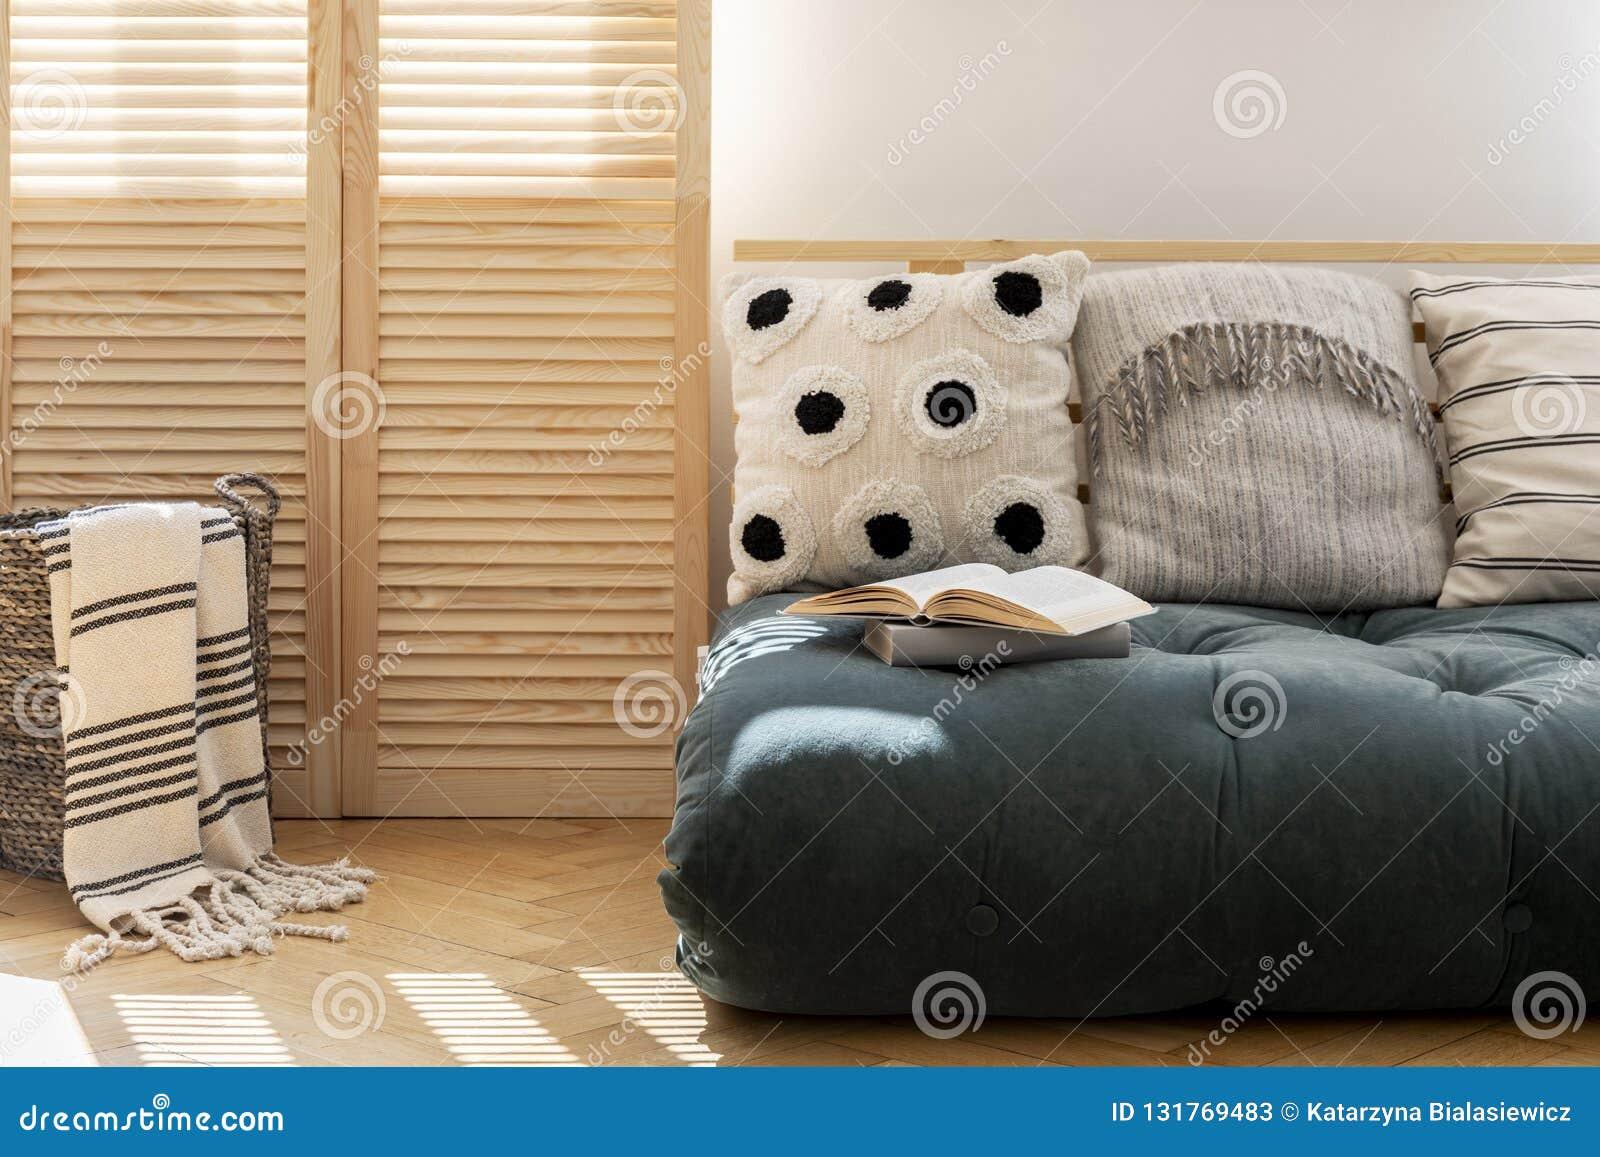 Futon escandinavo con las almohadas en interior espacioso de la sala de estar del apartamento moderno